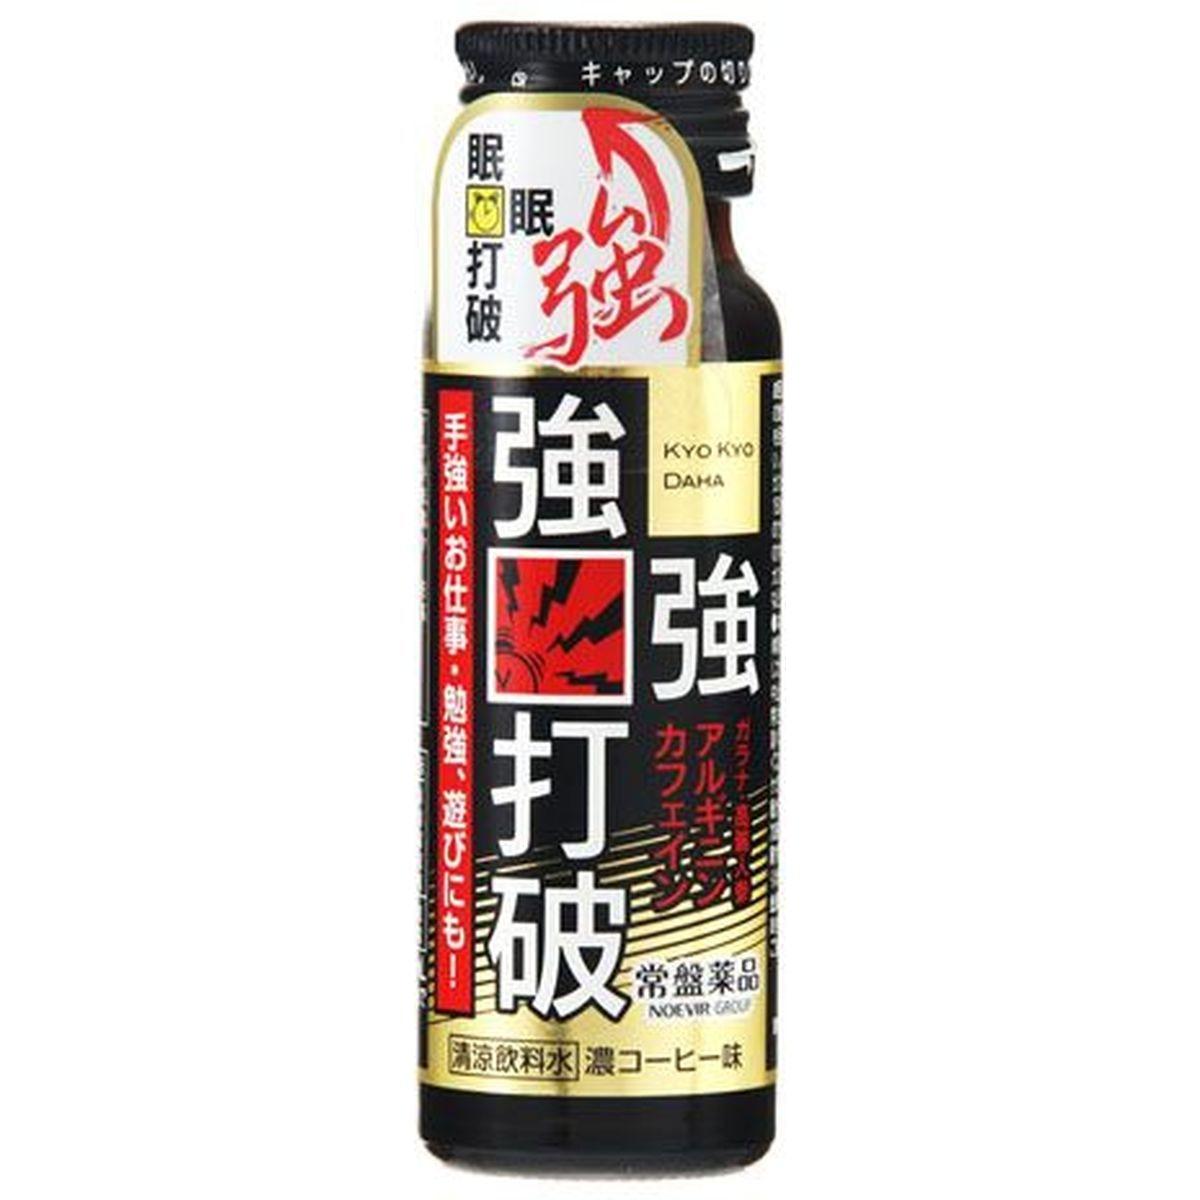 常盤薬品工業 常盤薬品 強強打破(濃コーヒー味) 瓶 50ml x10